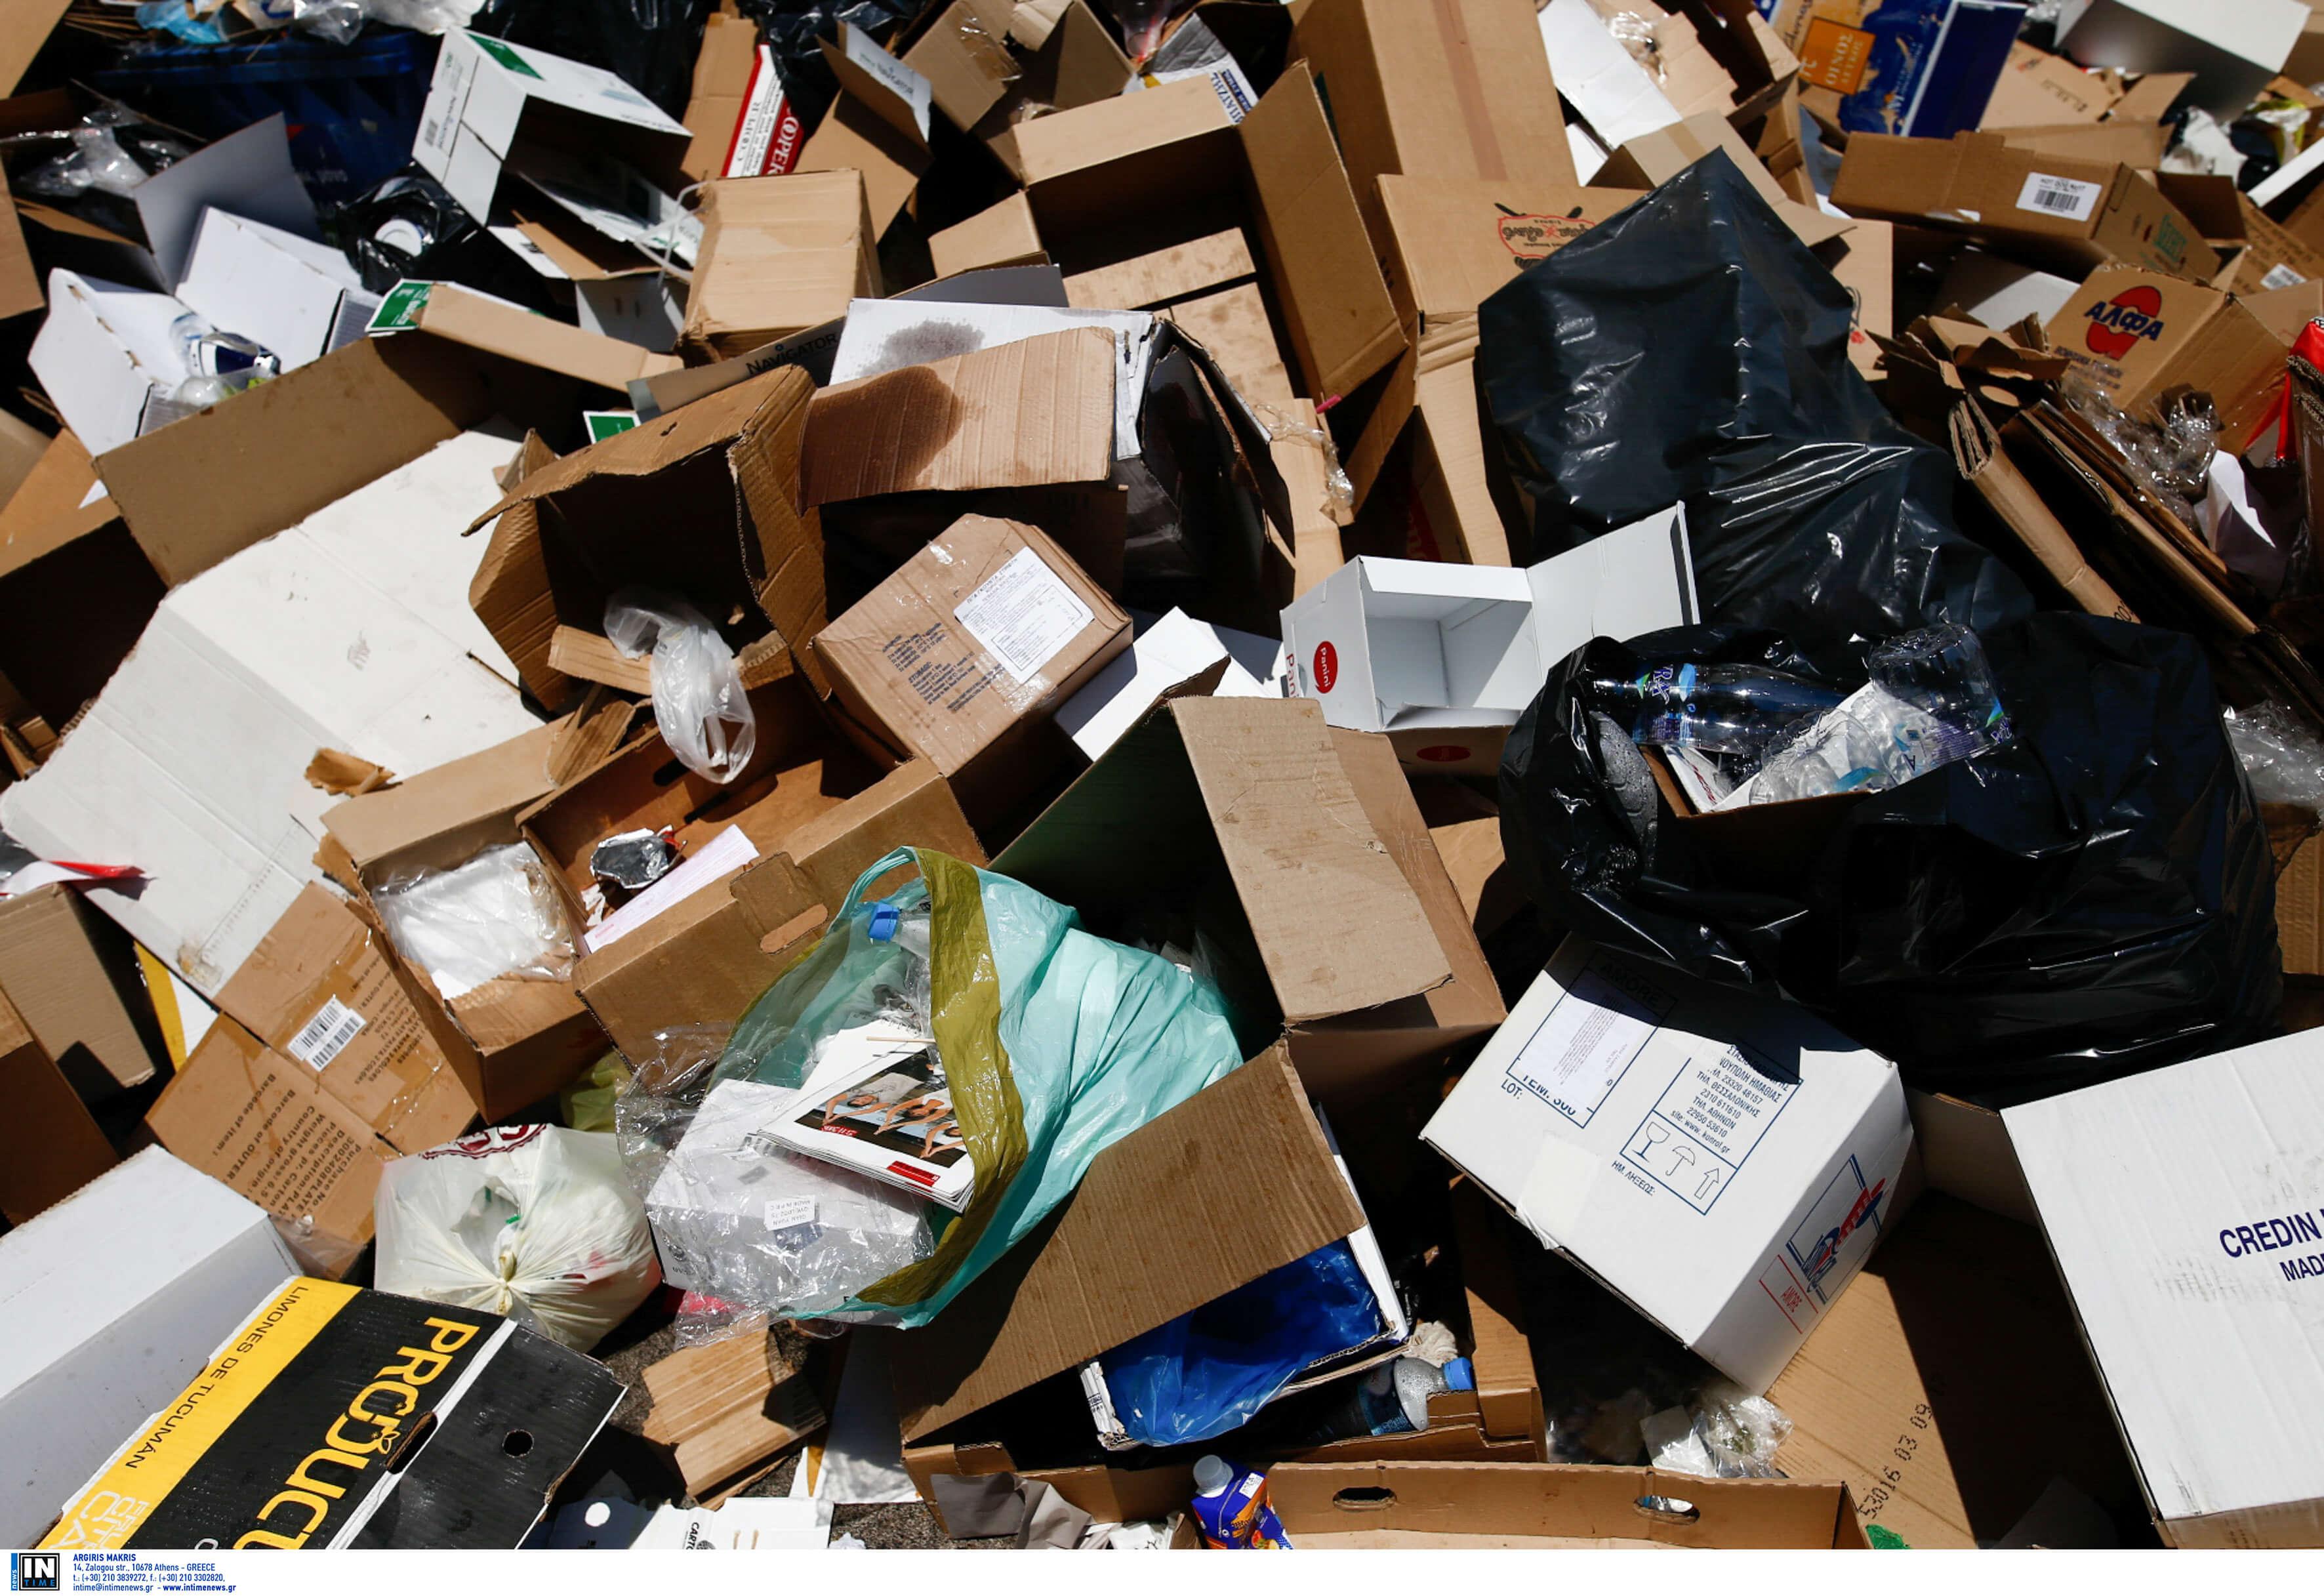 Αίγιο: Τους πνίγουν τα σκουπίδια – Έφαγε ξύλο εργαζόμενη στην καθαριότητα – video